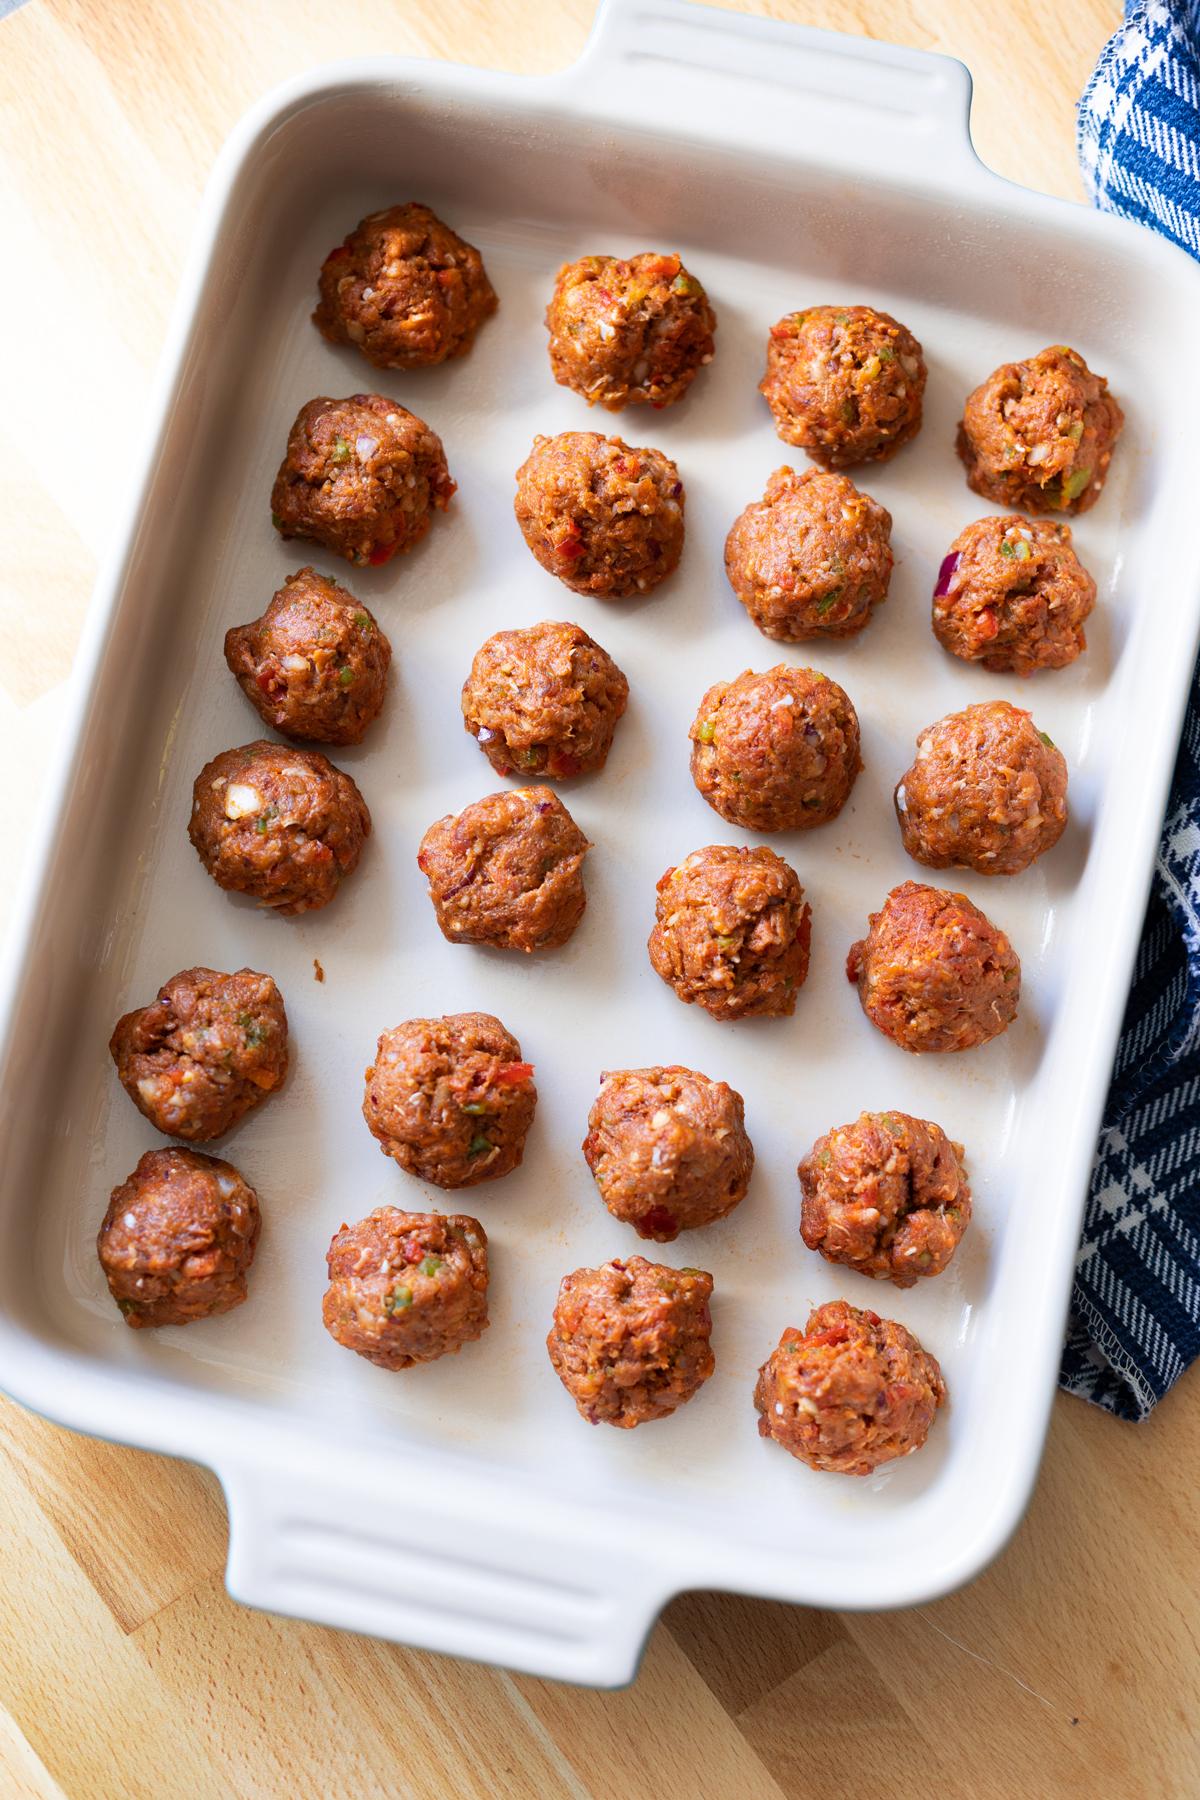 turkey meatballs in a baking dish.